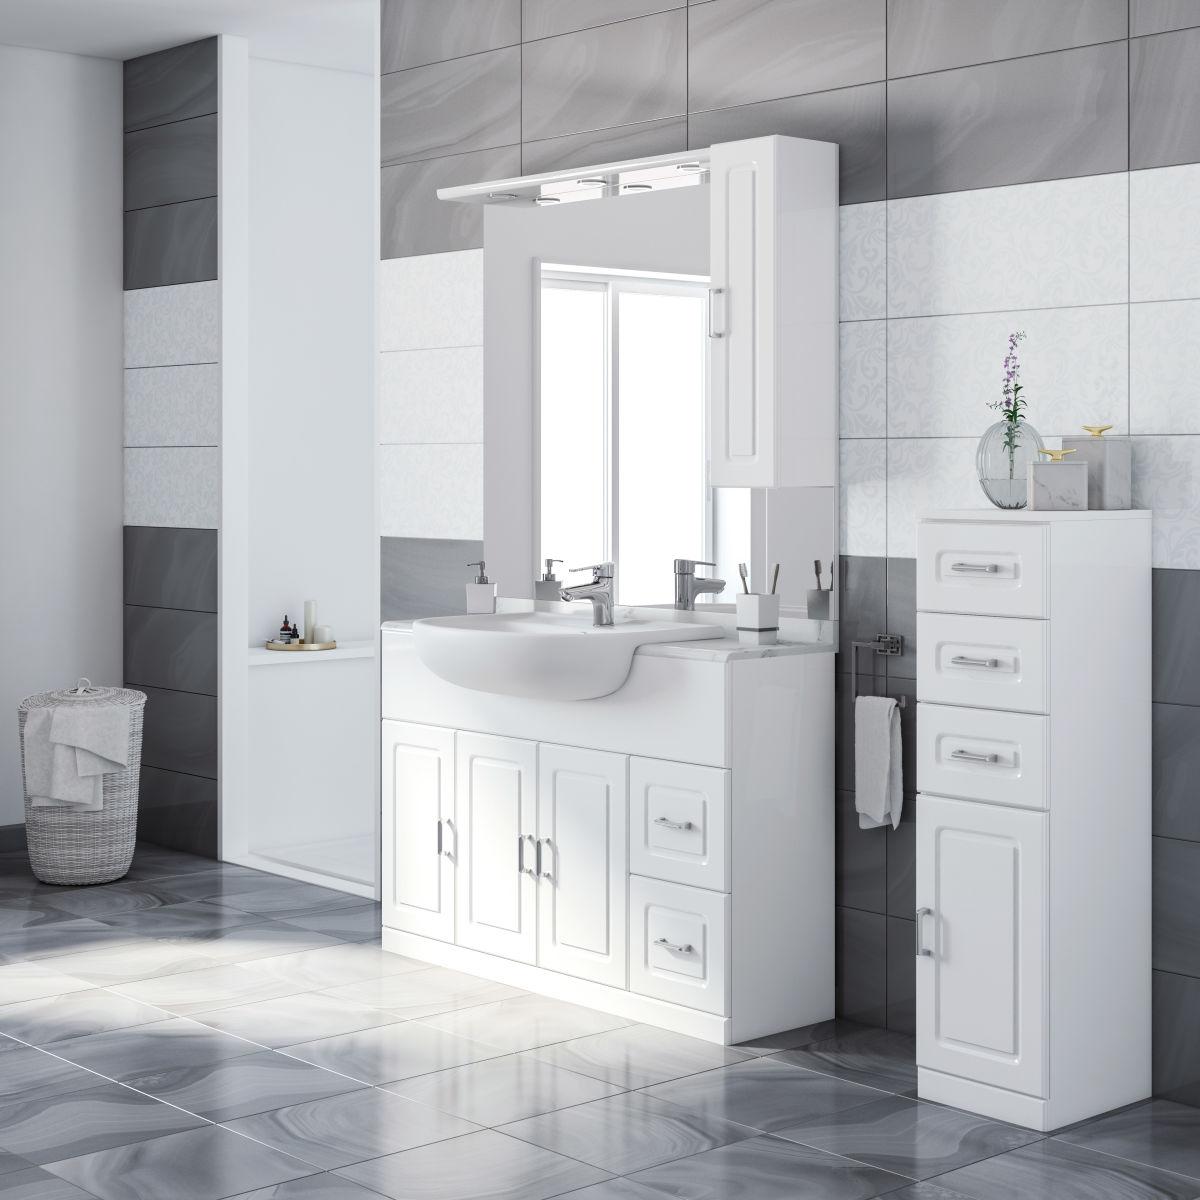 Mobile bagno paola bianco l 120 cm prezzi e offerte online for Vendita bagni on line